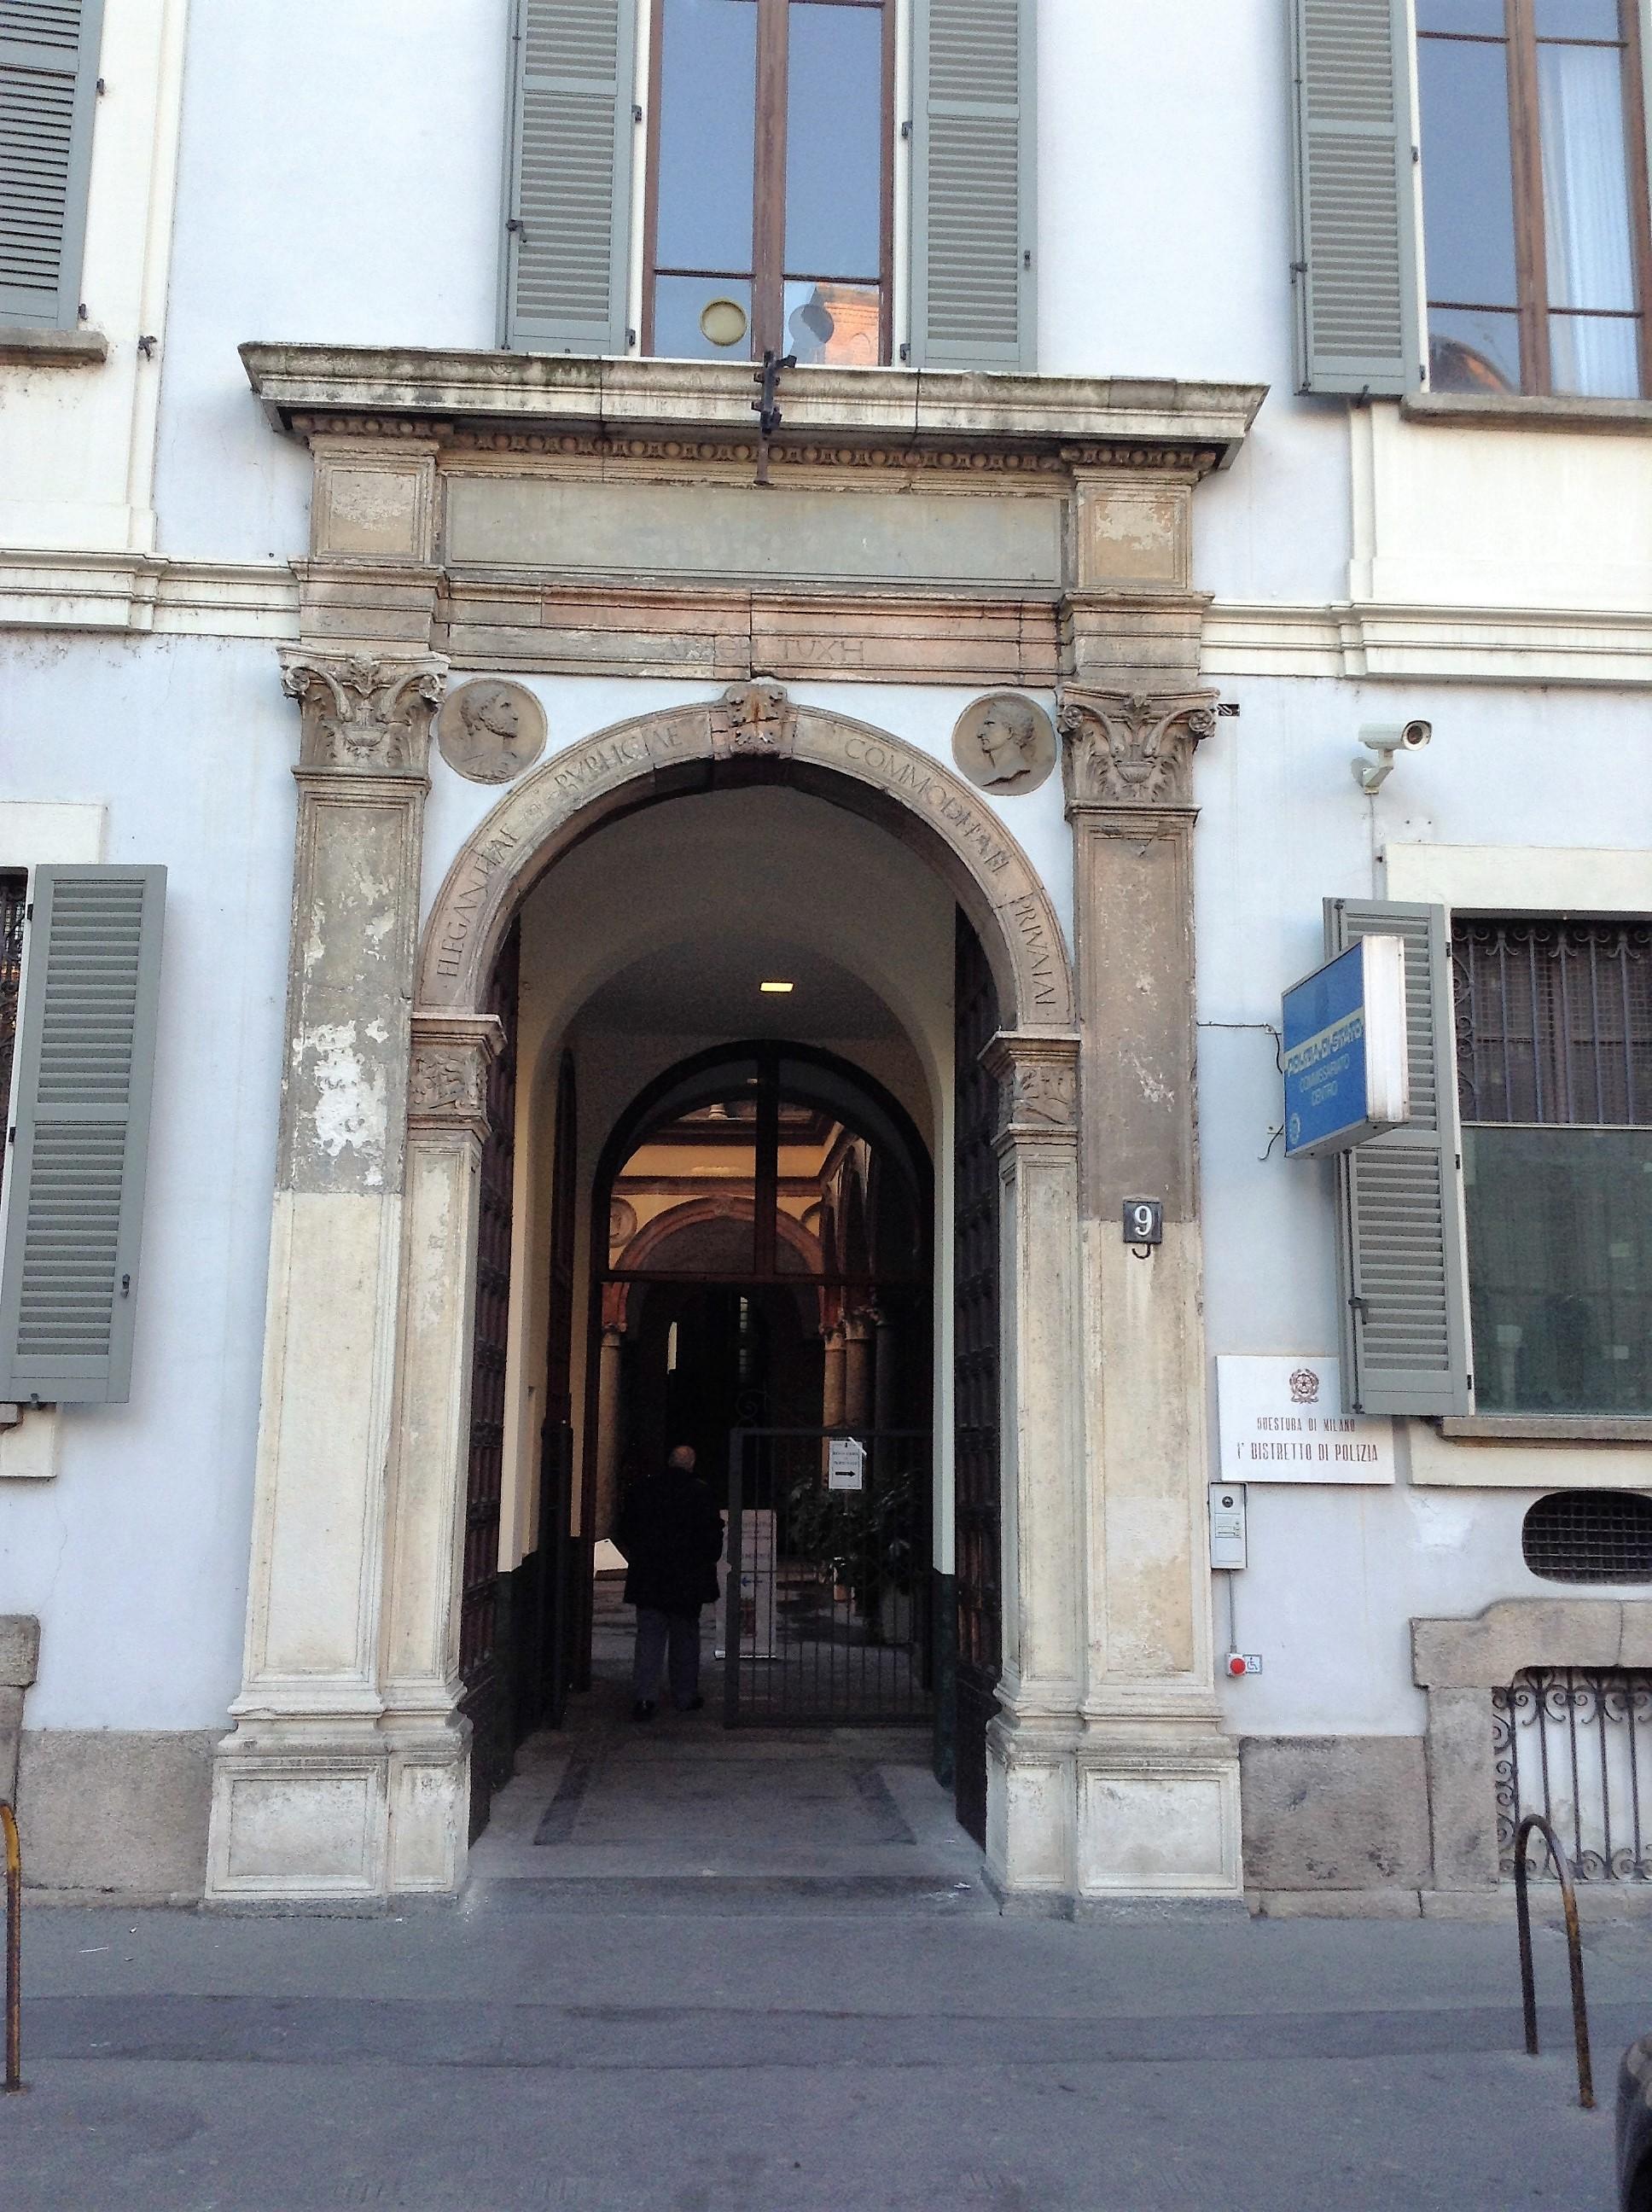 Milano, Piazza San Sepolcro, Primo Distretto della Polizia di Stato: il portale bfamantesco (rimaneggiato) e altri elementi sono oggetto di studio.